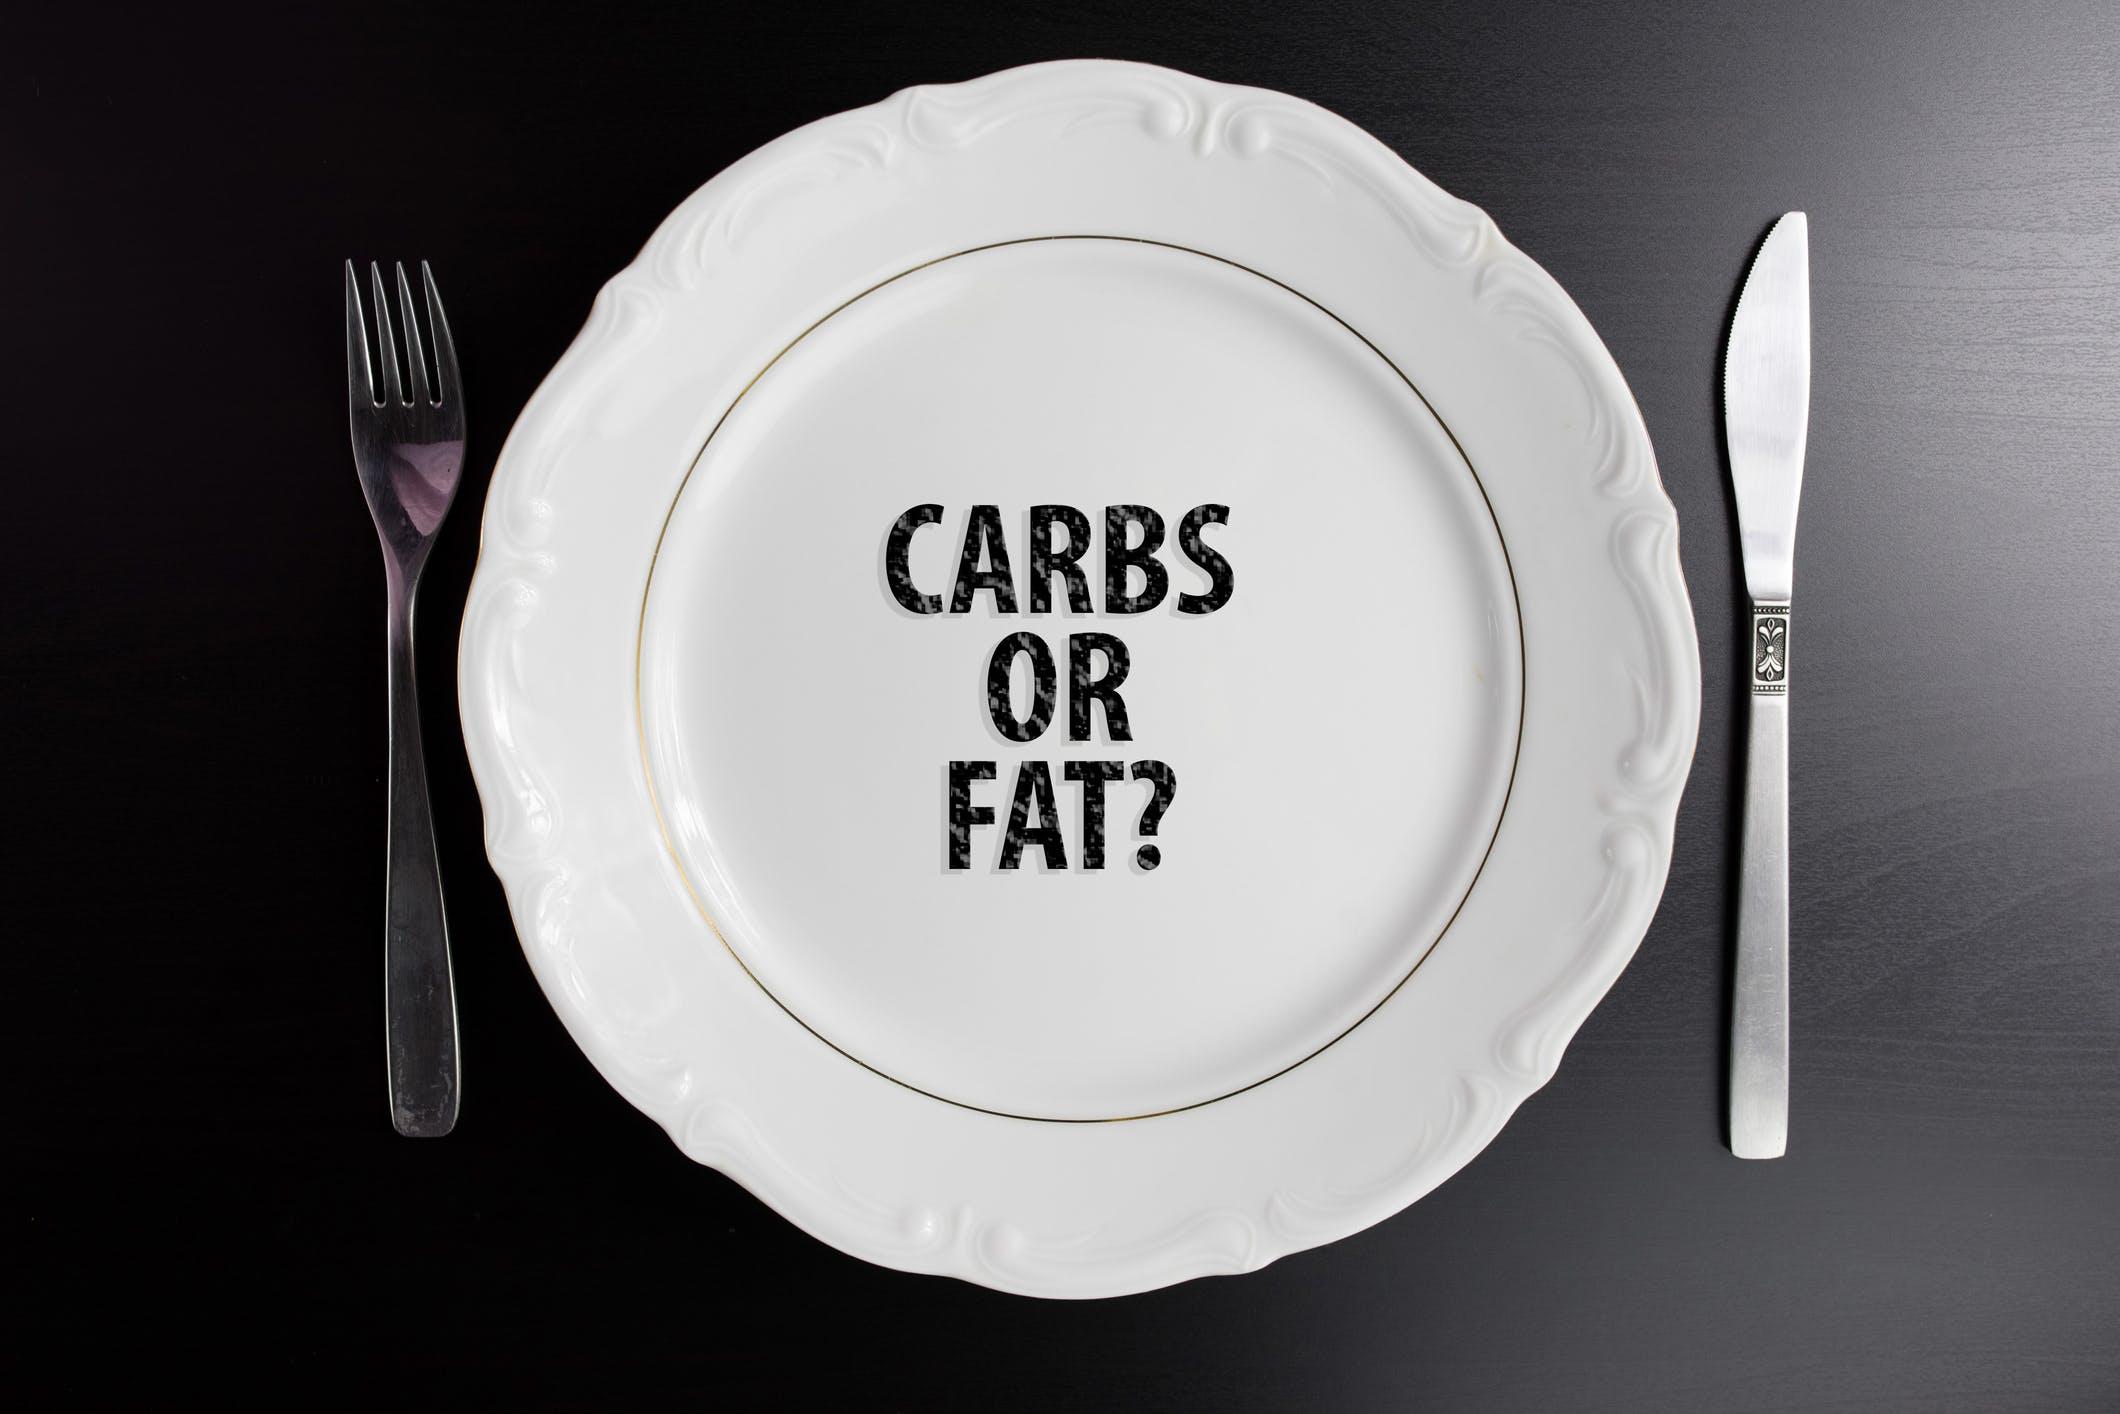 Carbs or fat?